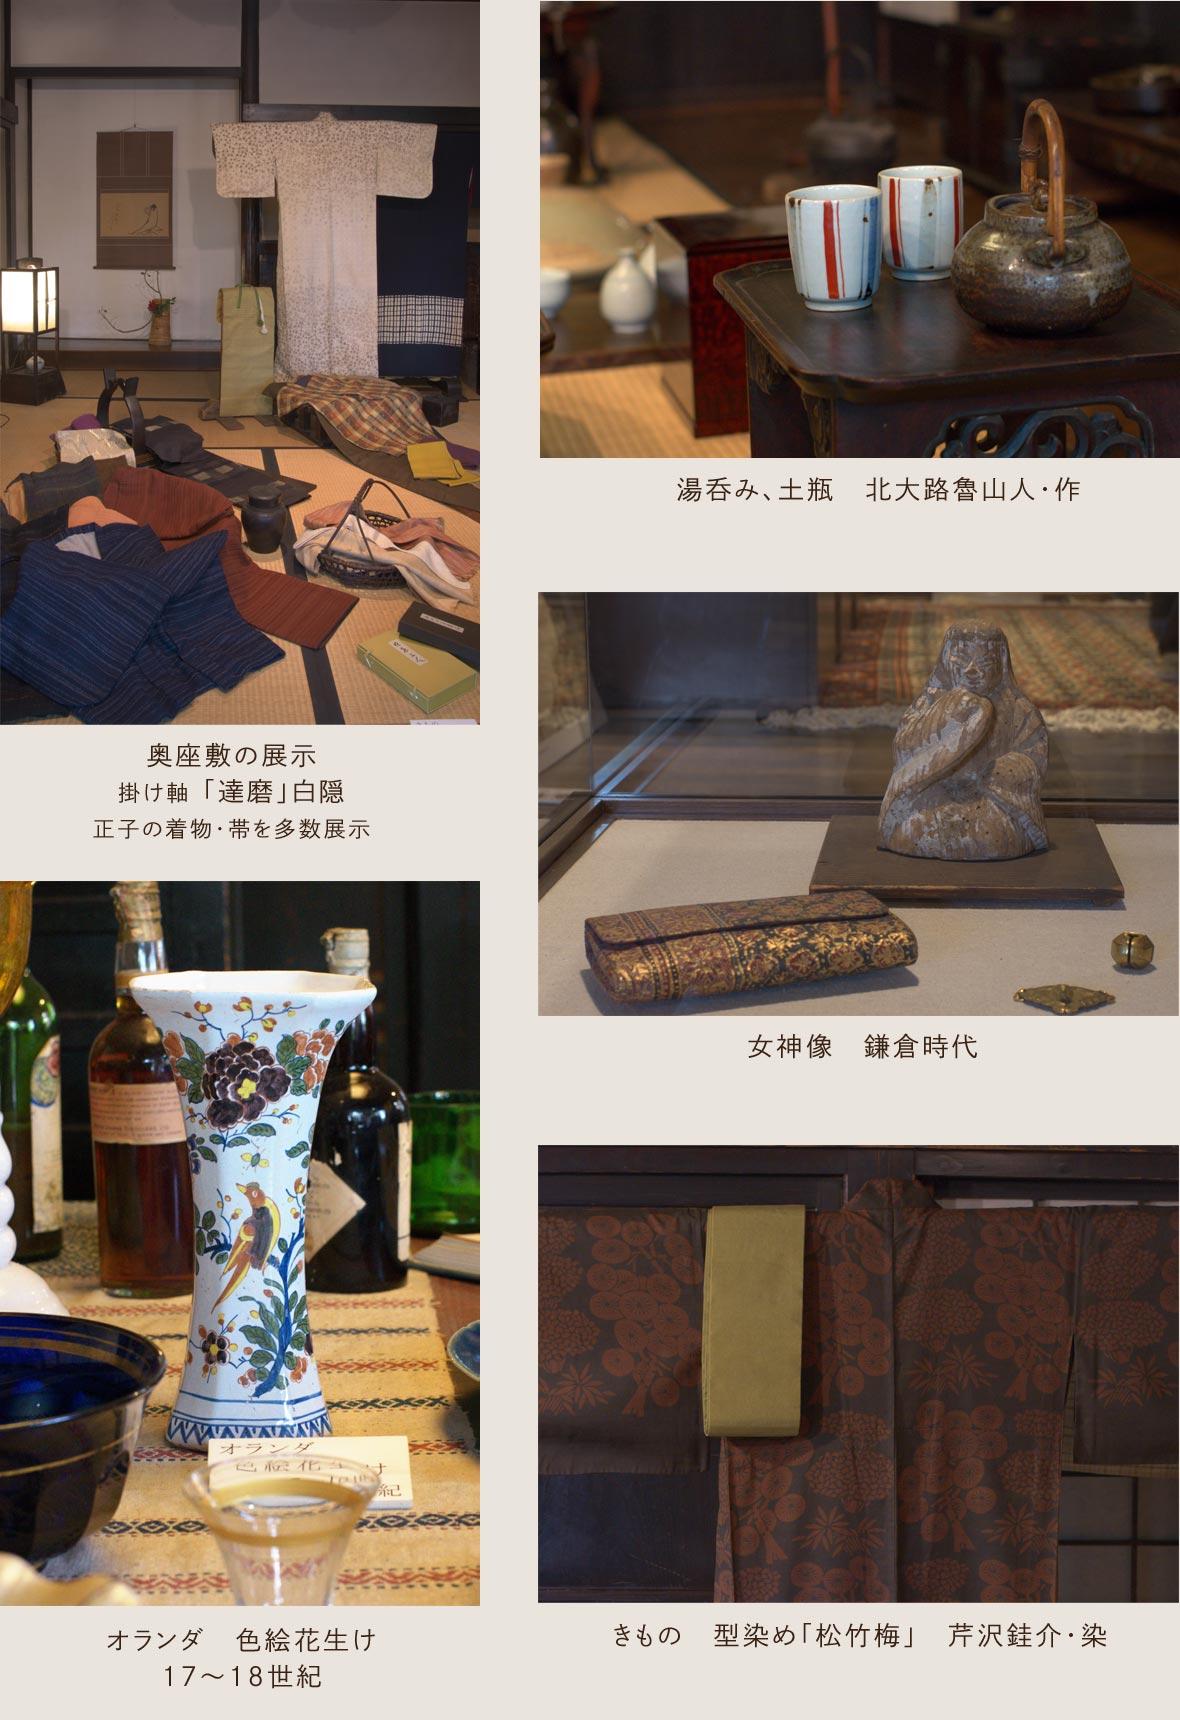 「武相荘の冬」展2018-2019